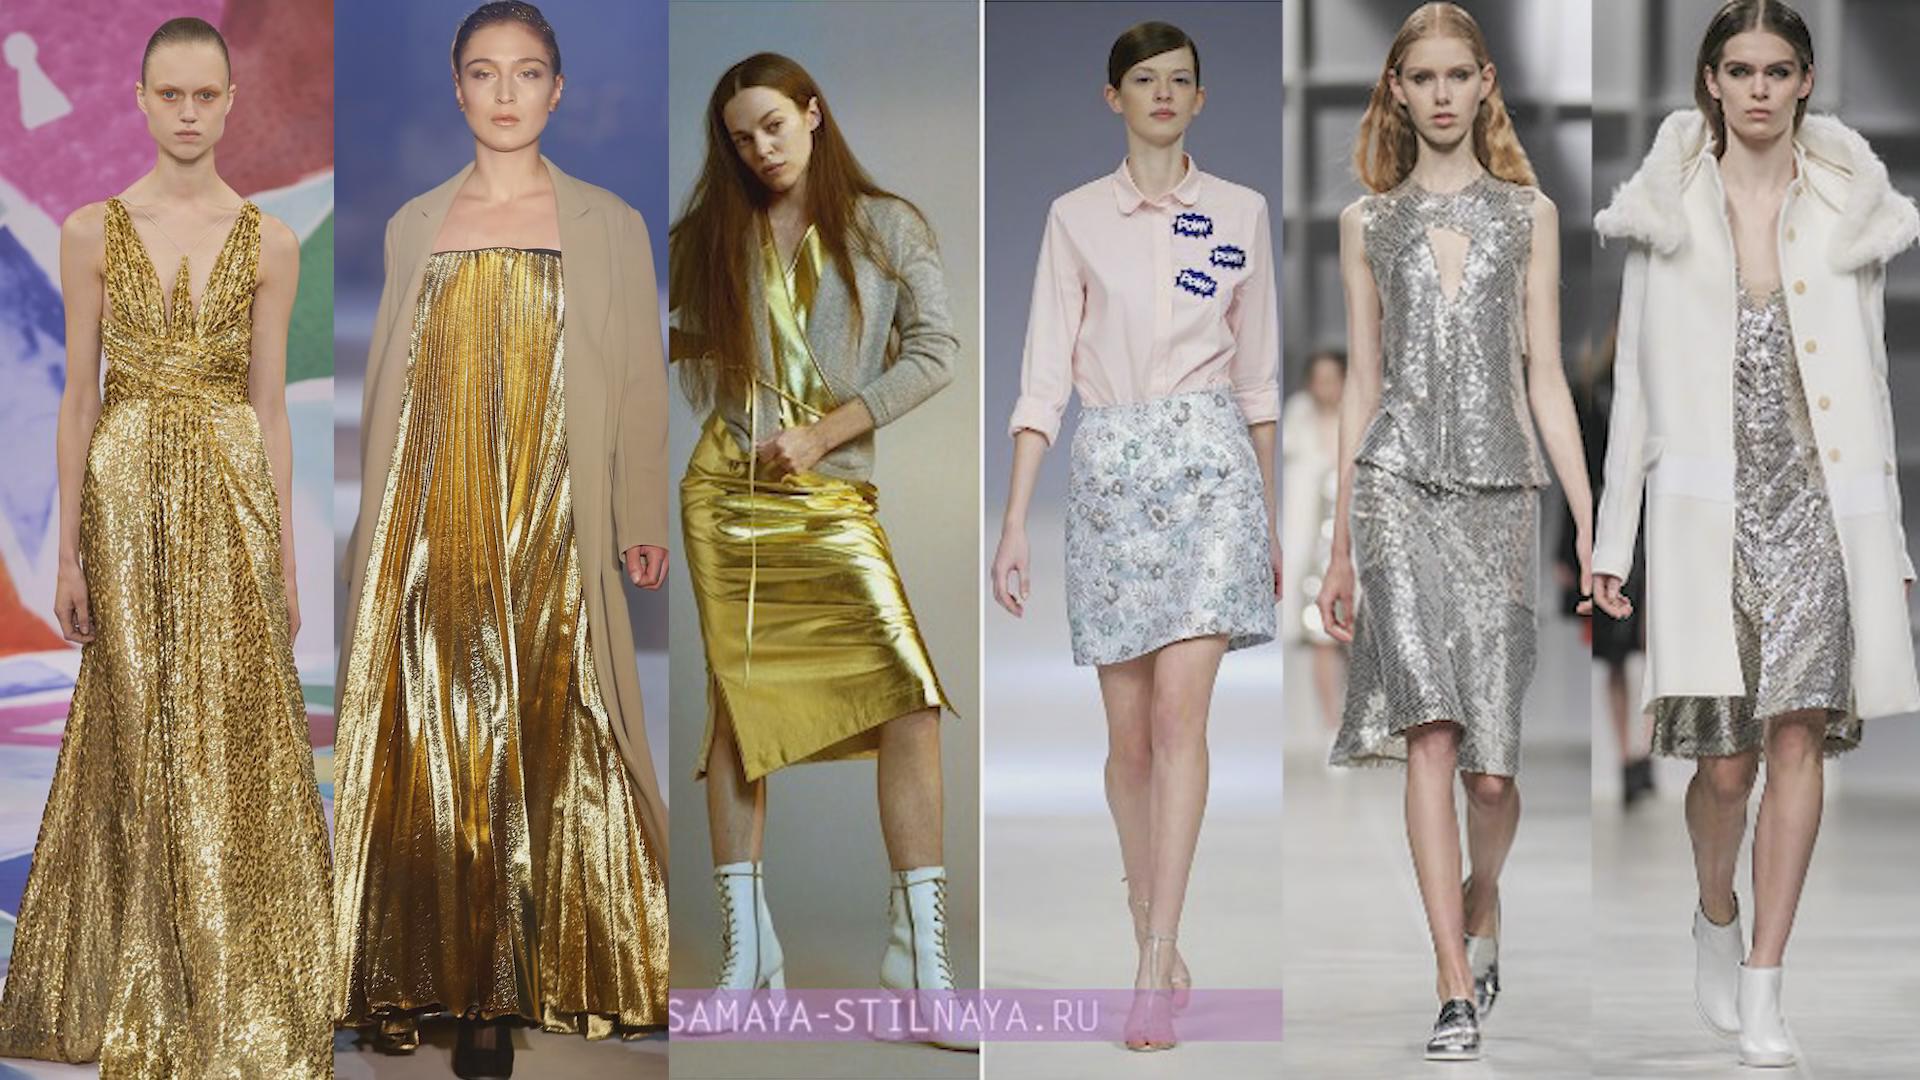 модные тренды 2017 года в одежде